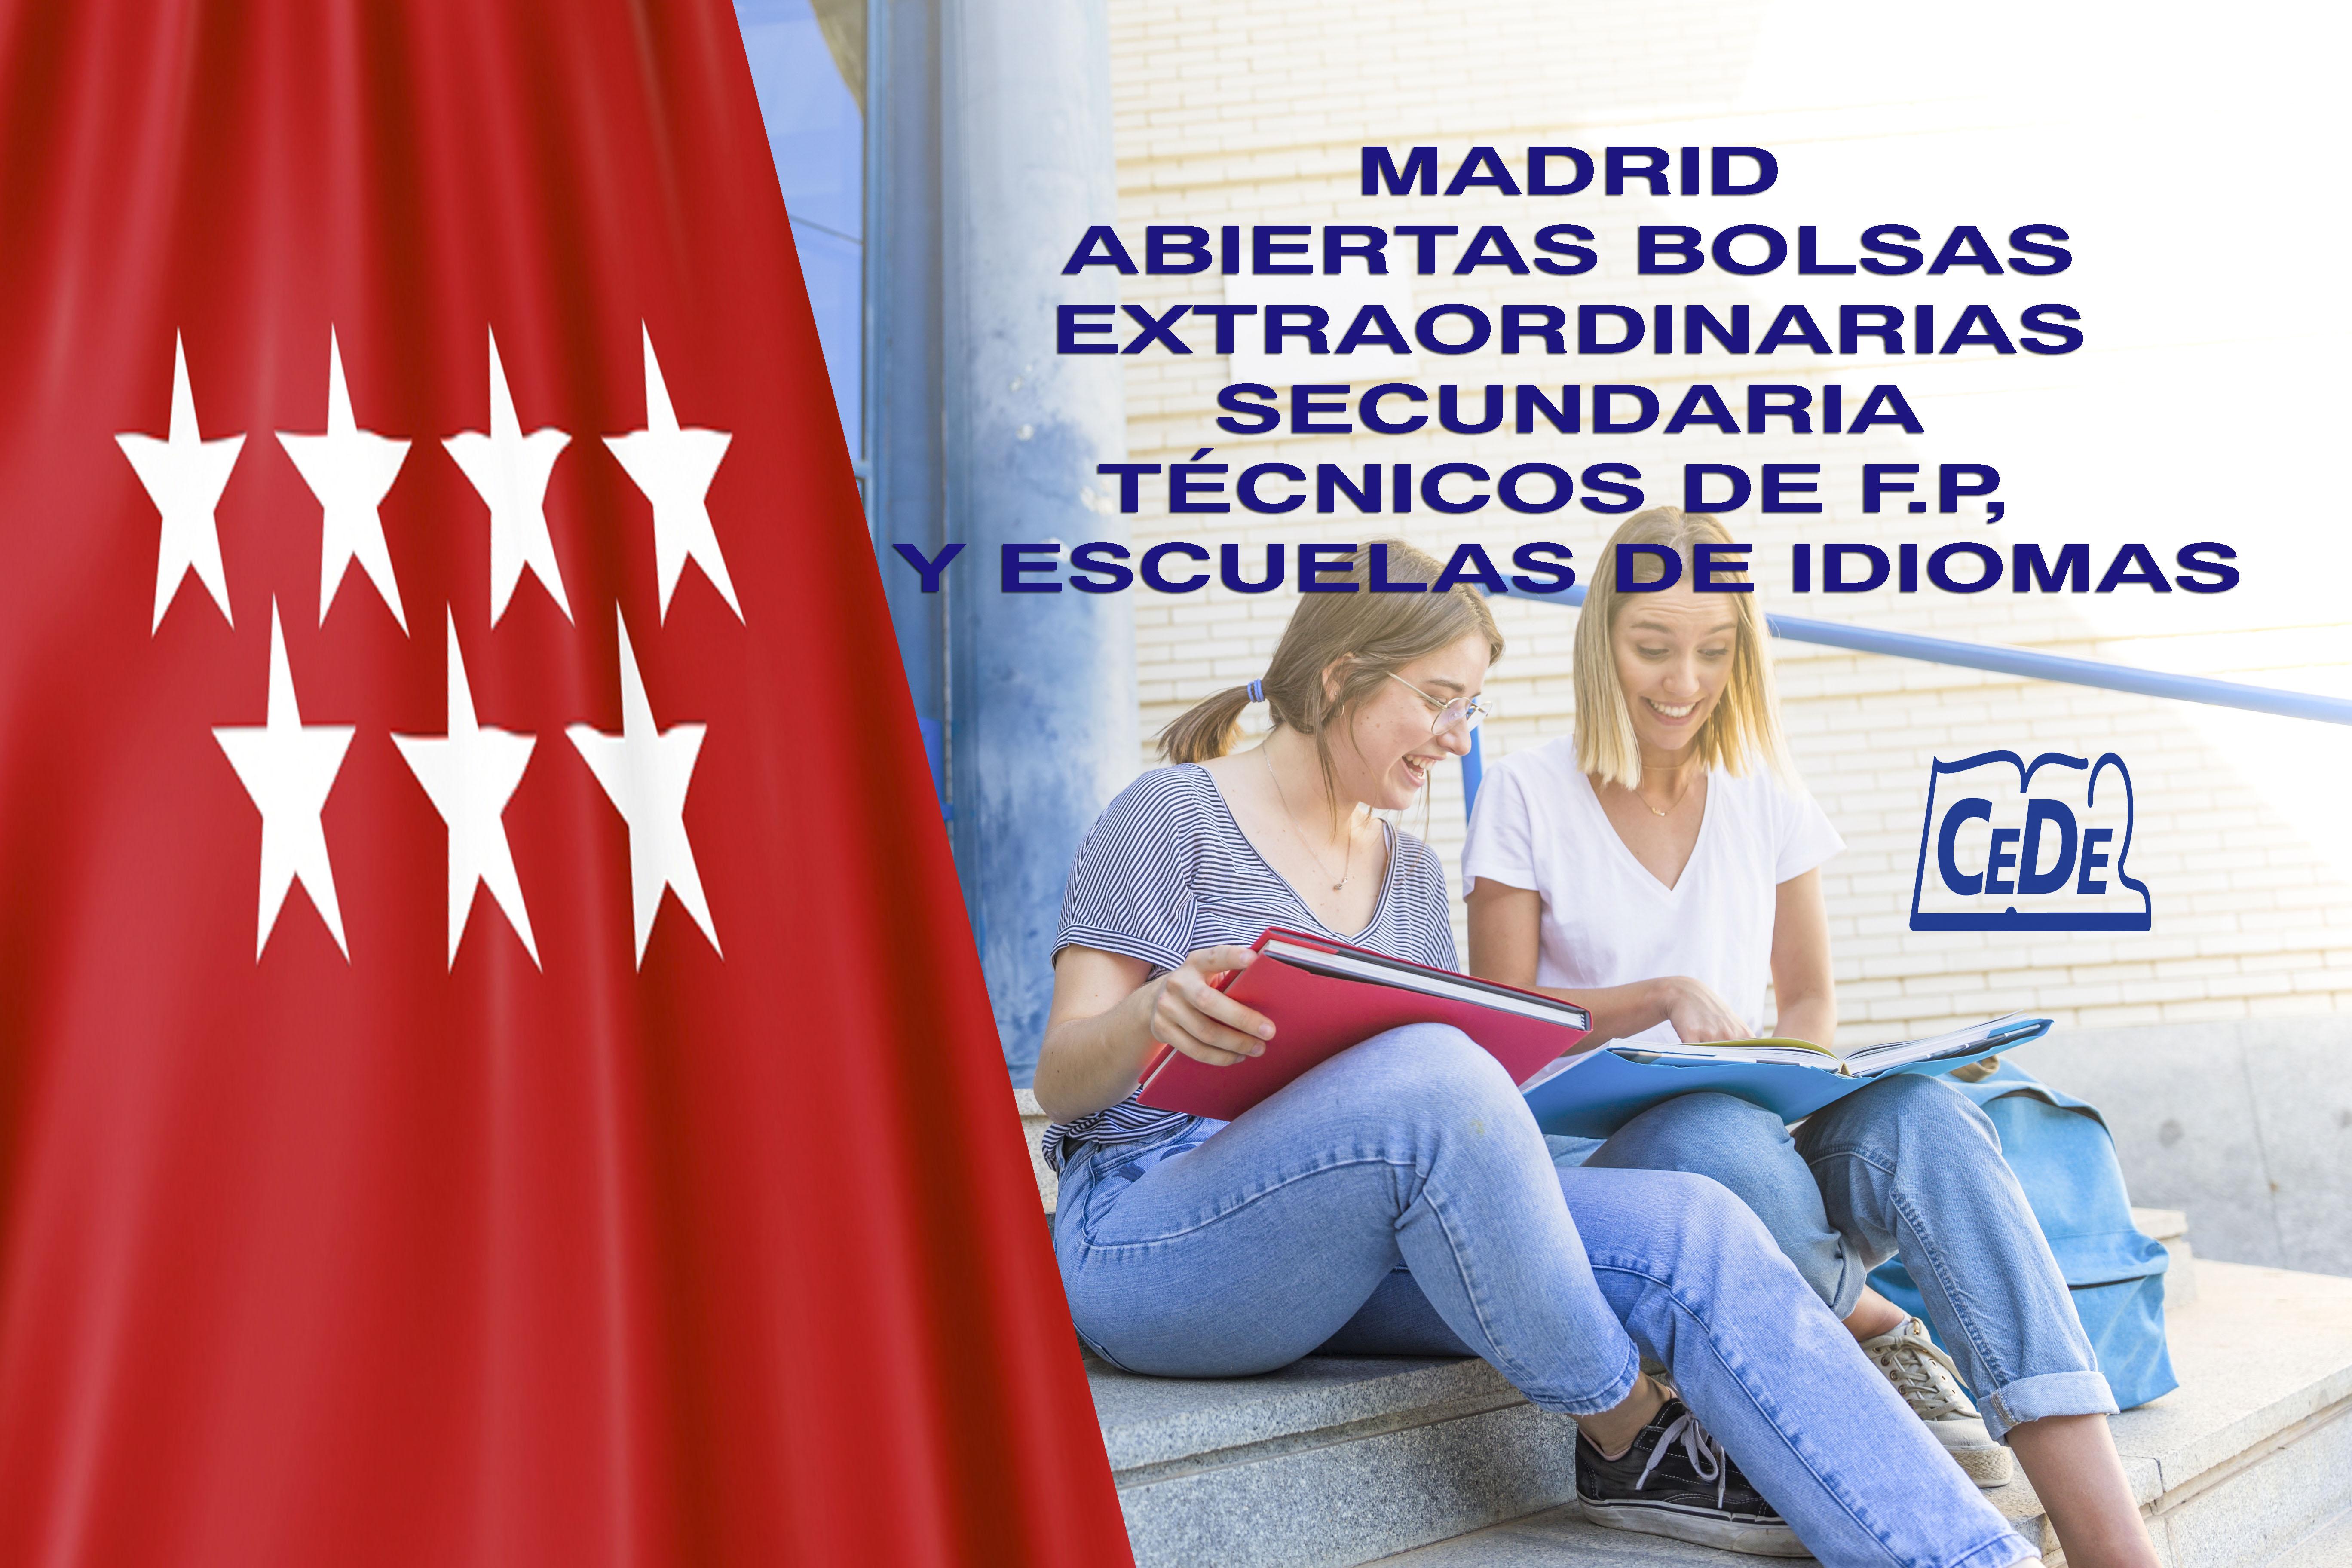 Madrid abiertas bolsas extraordinarias